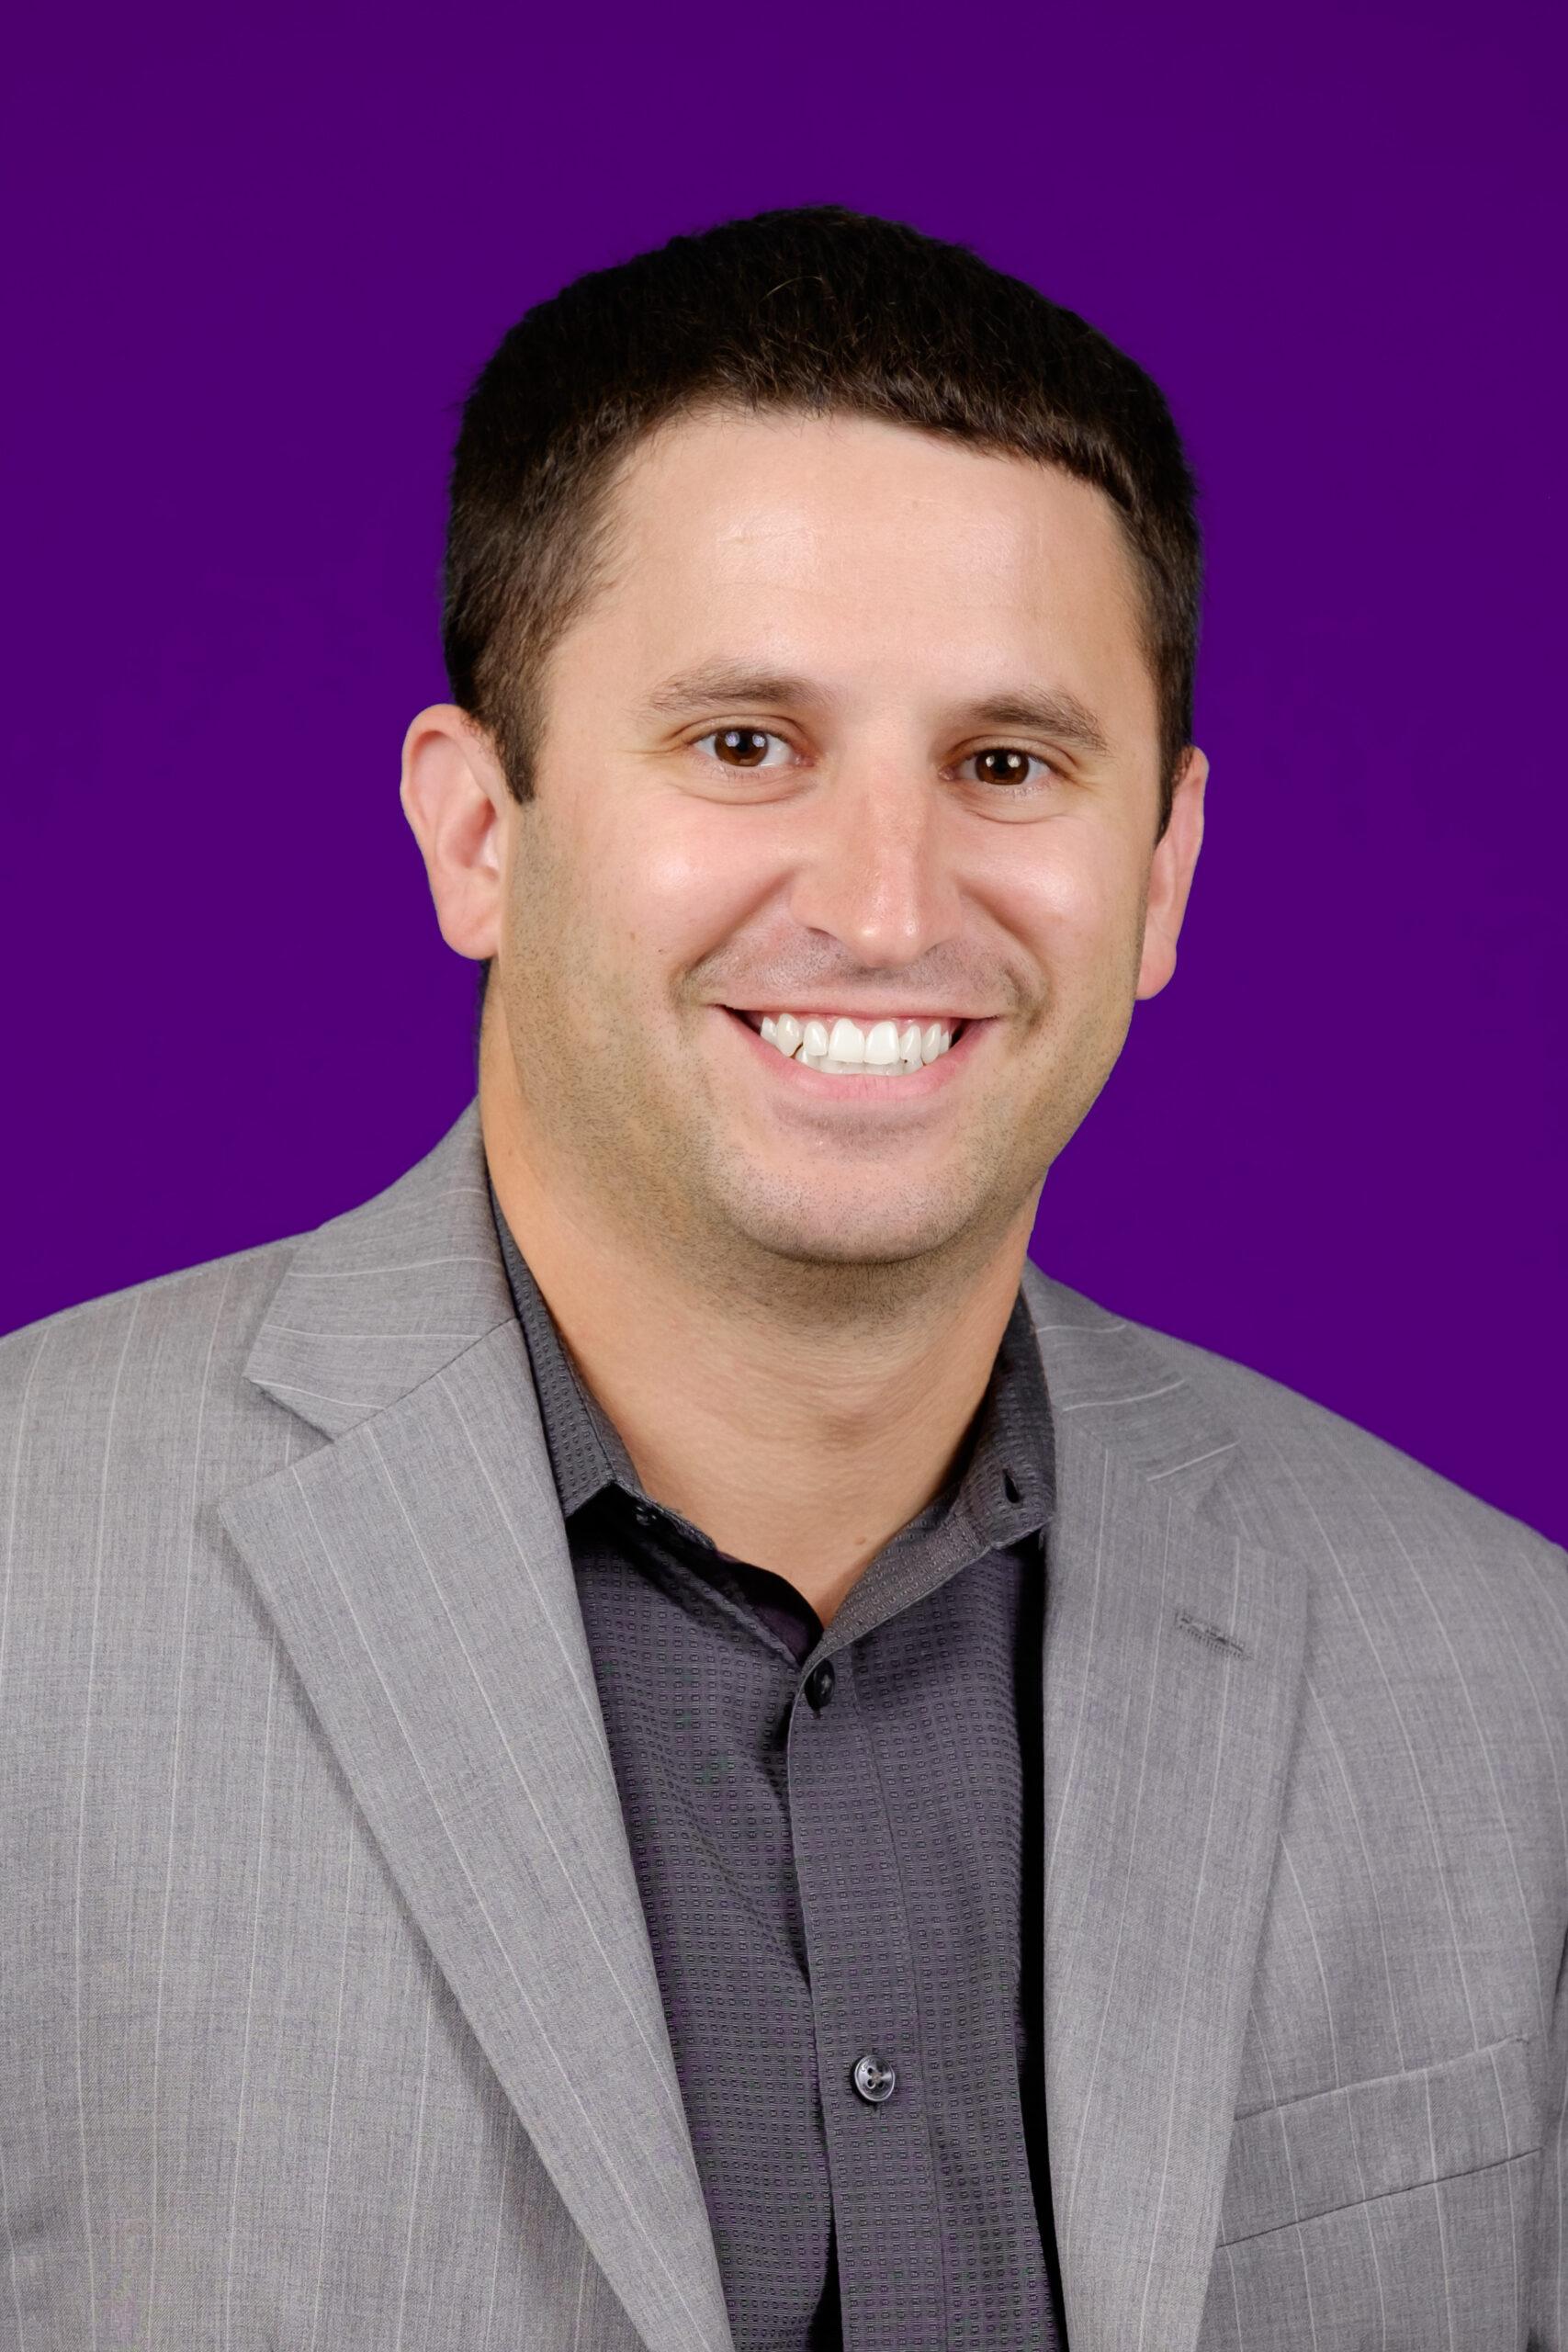 Tim Taylor